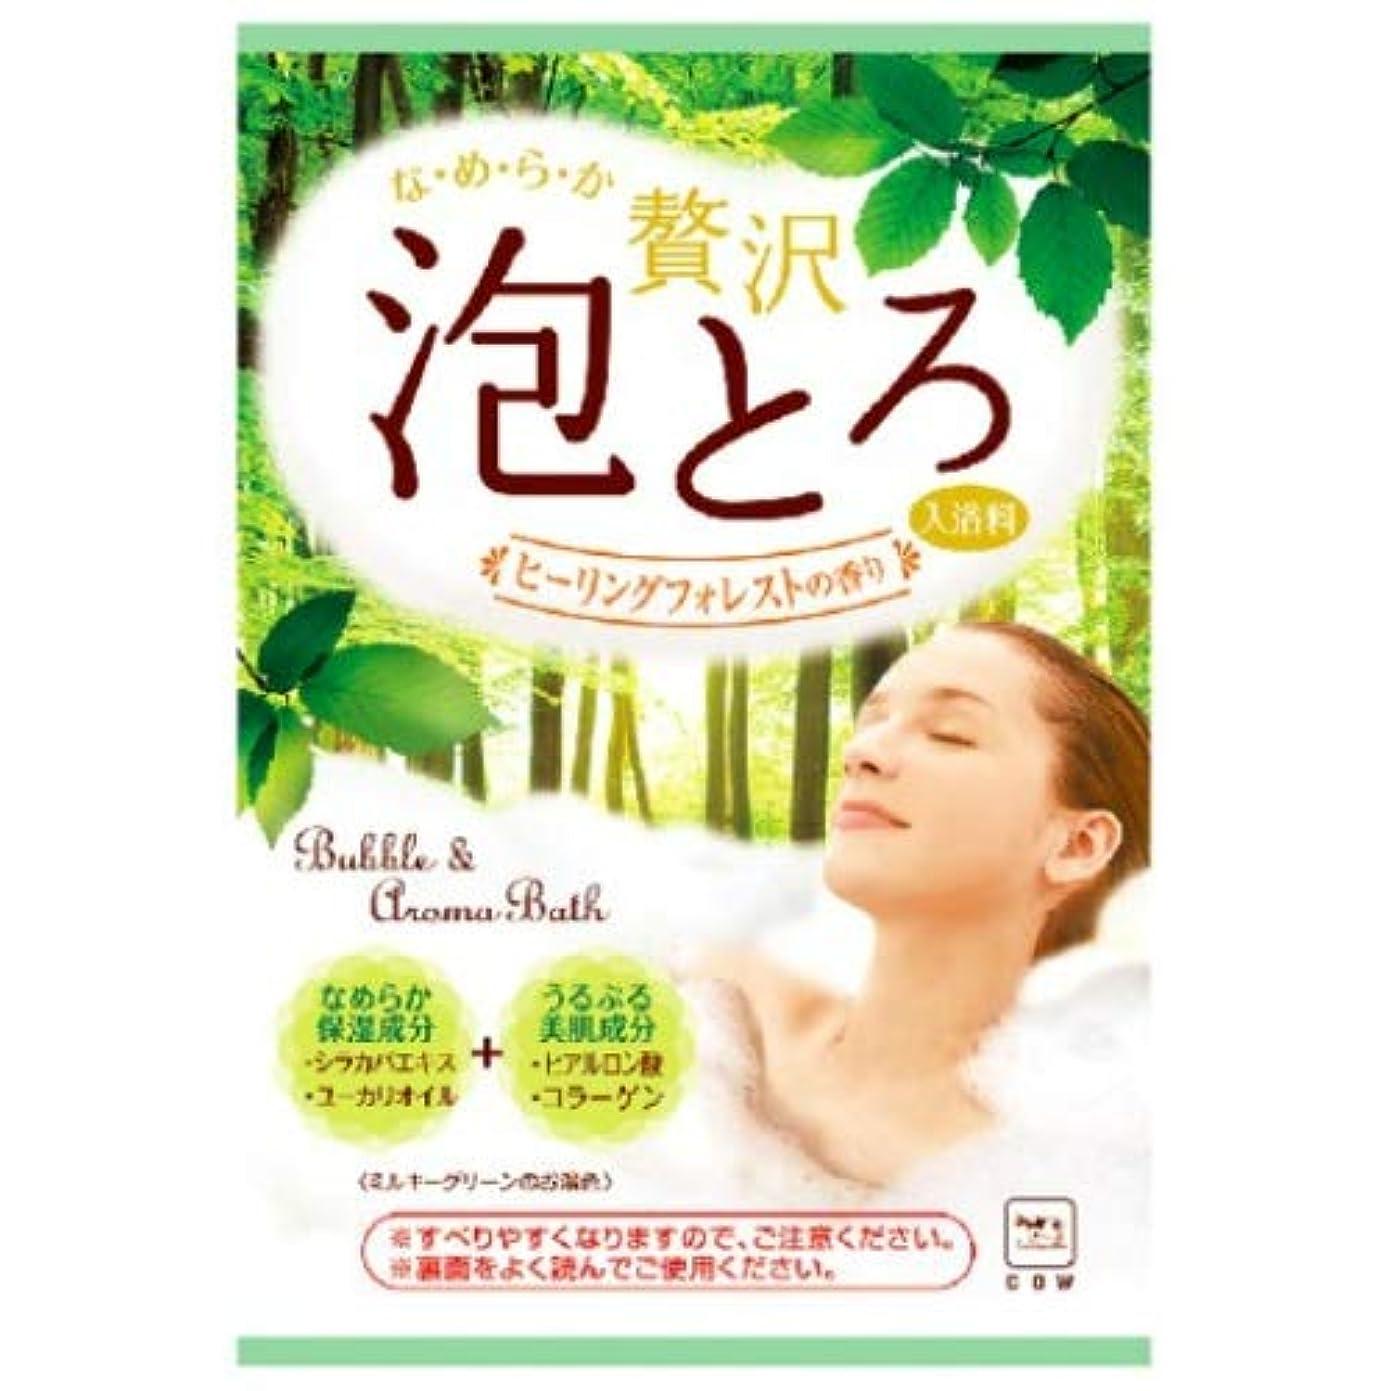 順番処理するサスティーンお湯物語 贅沢泡とろ入浴料 ヒーリングフォレストの香り 30g